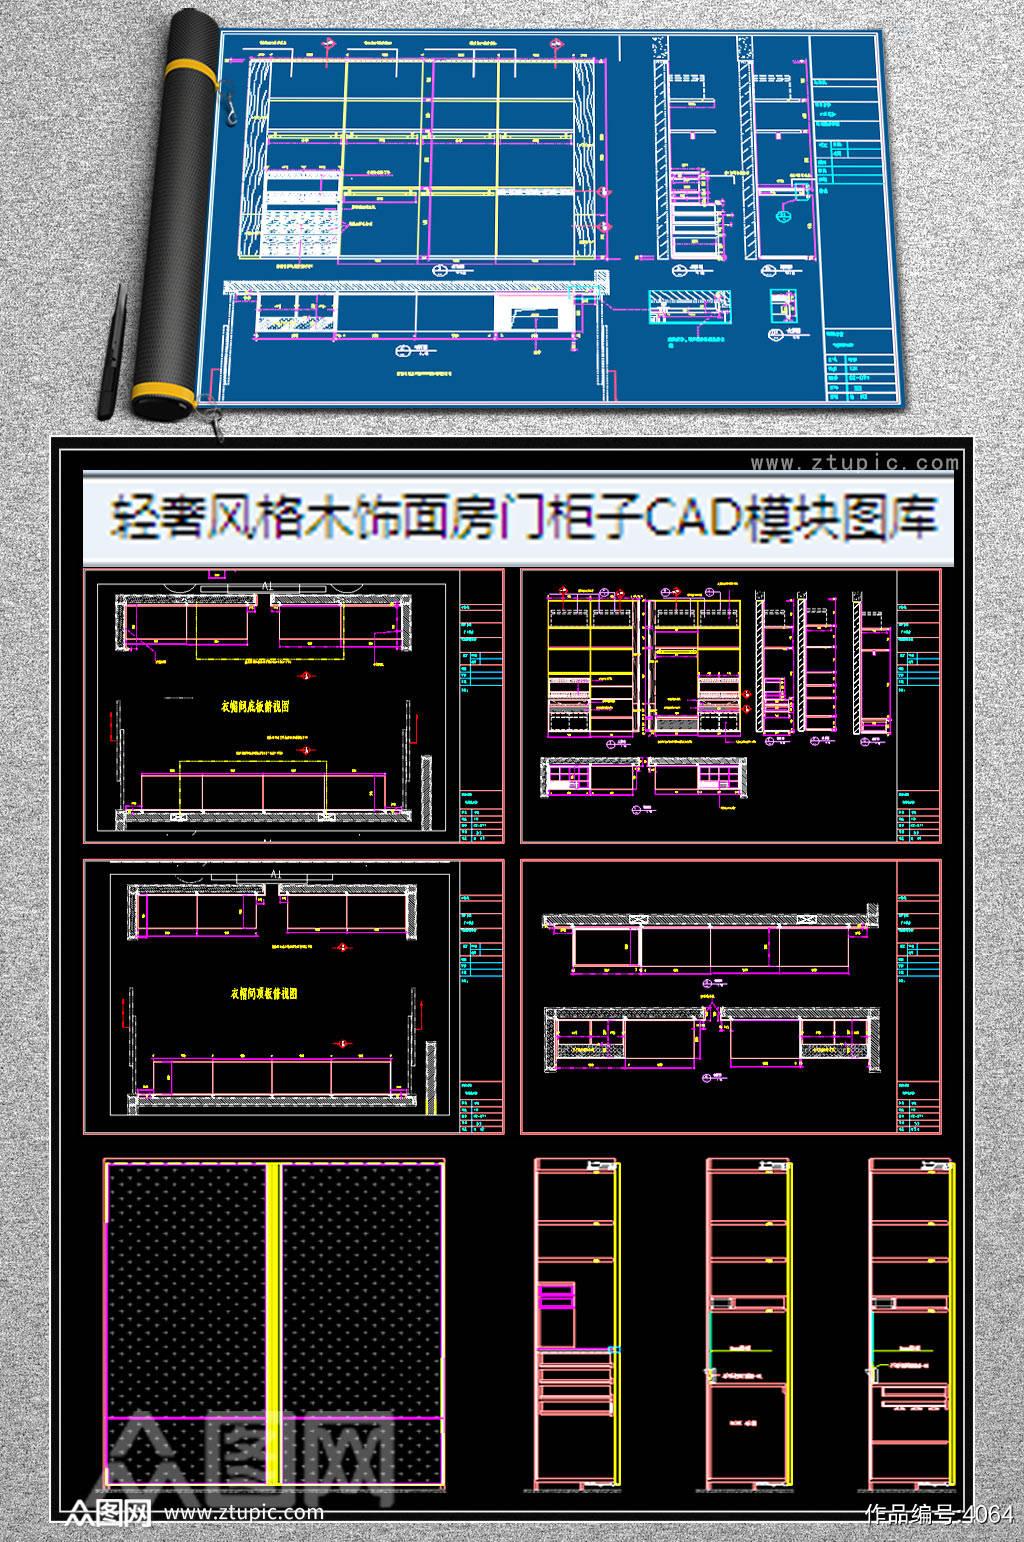 轻奢风格木饰面房门柜子CAD模块素材